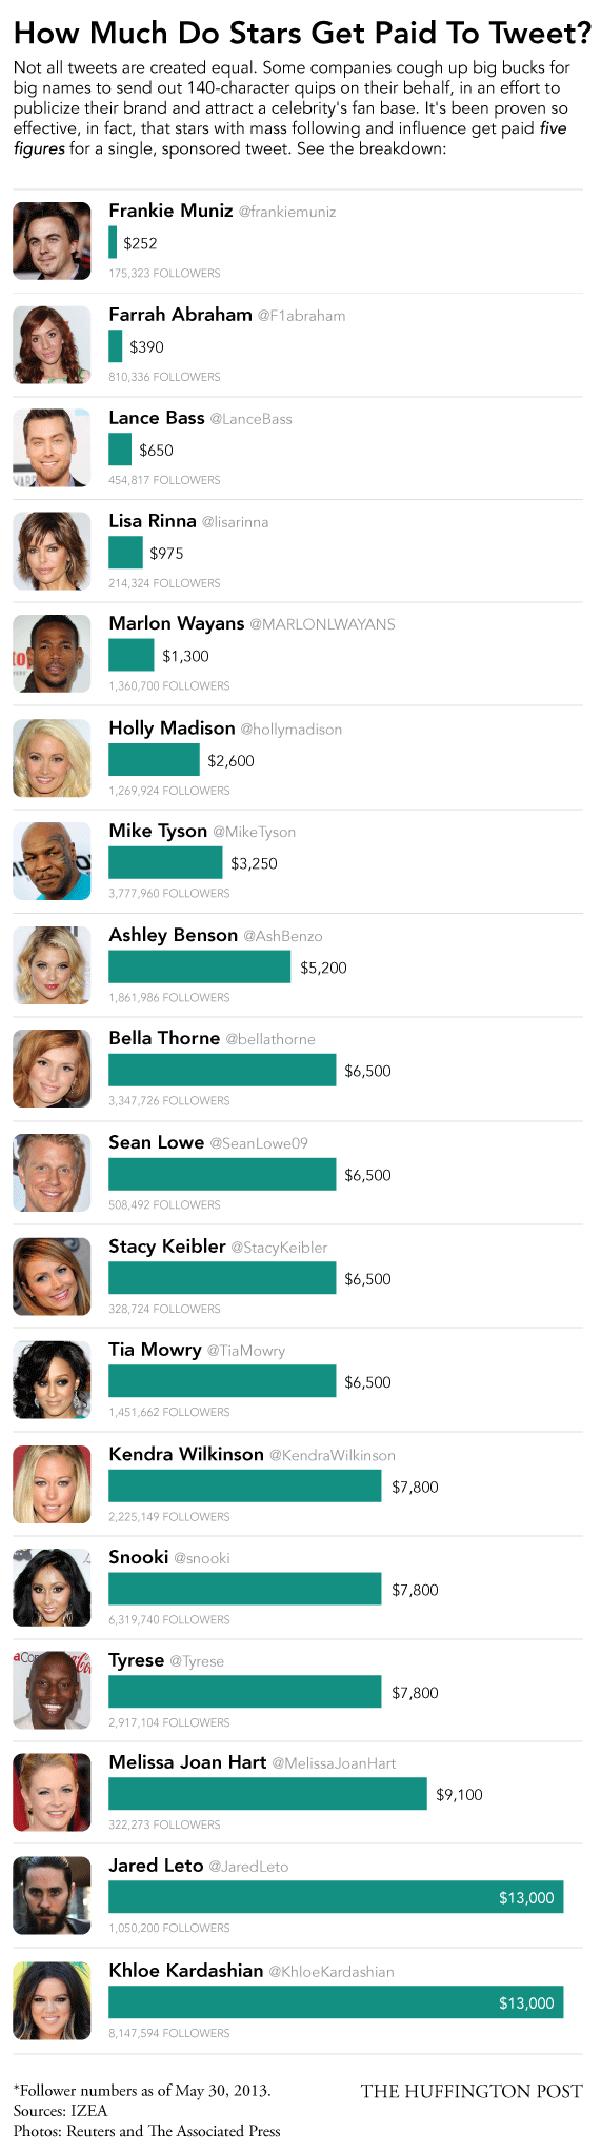 Quanto custa um tuíte de uma celebridade.